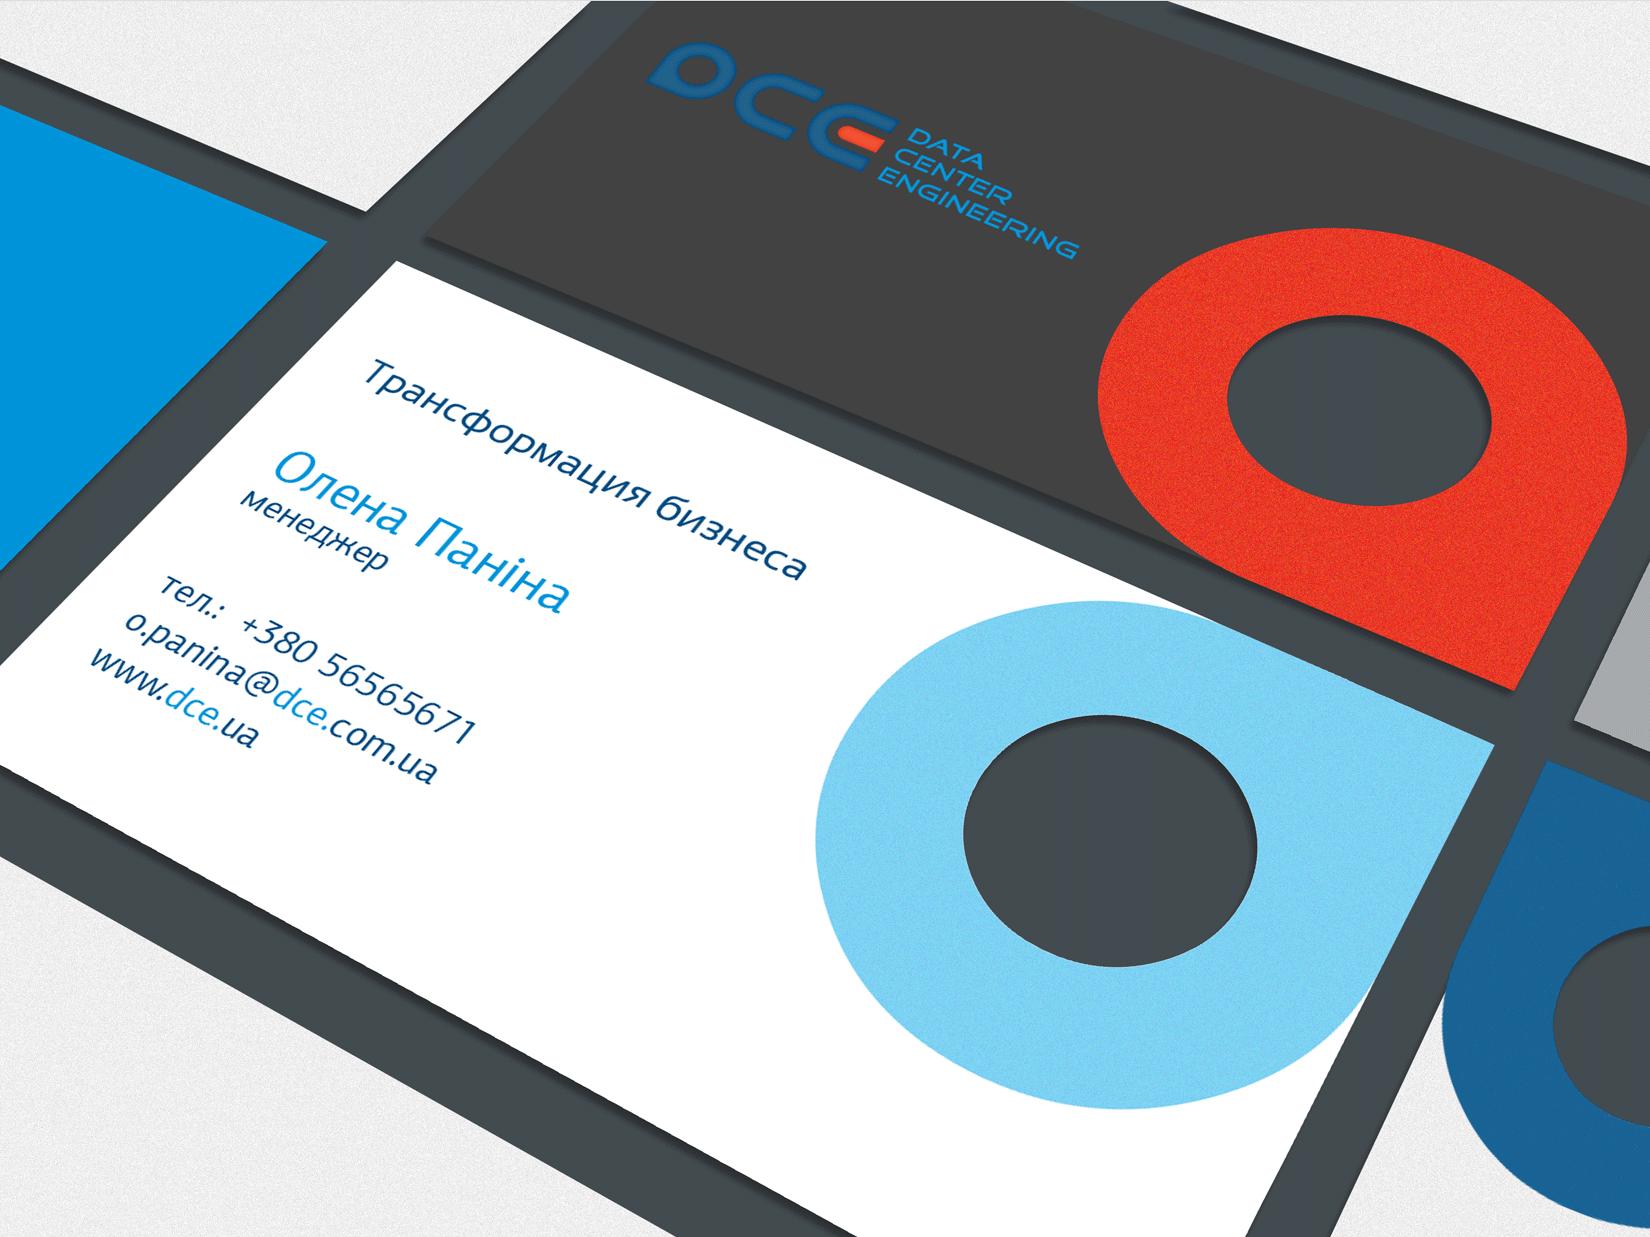 Разработка логотипа и корпоративного стиля для компании Data Center Engineering